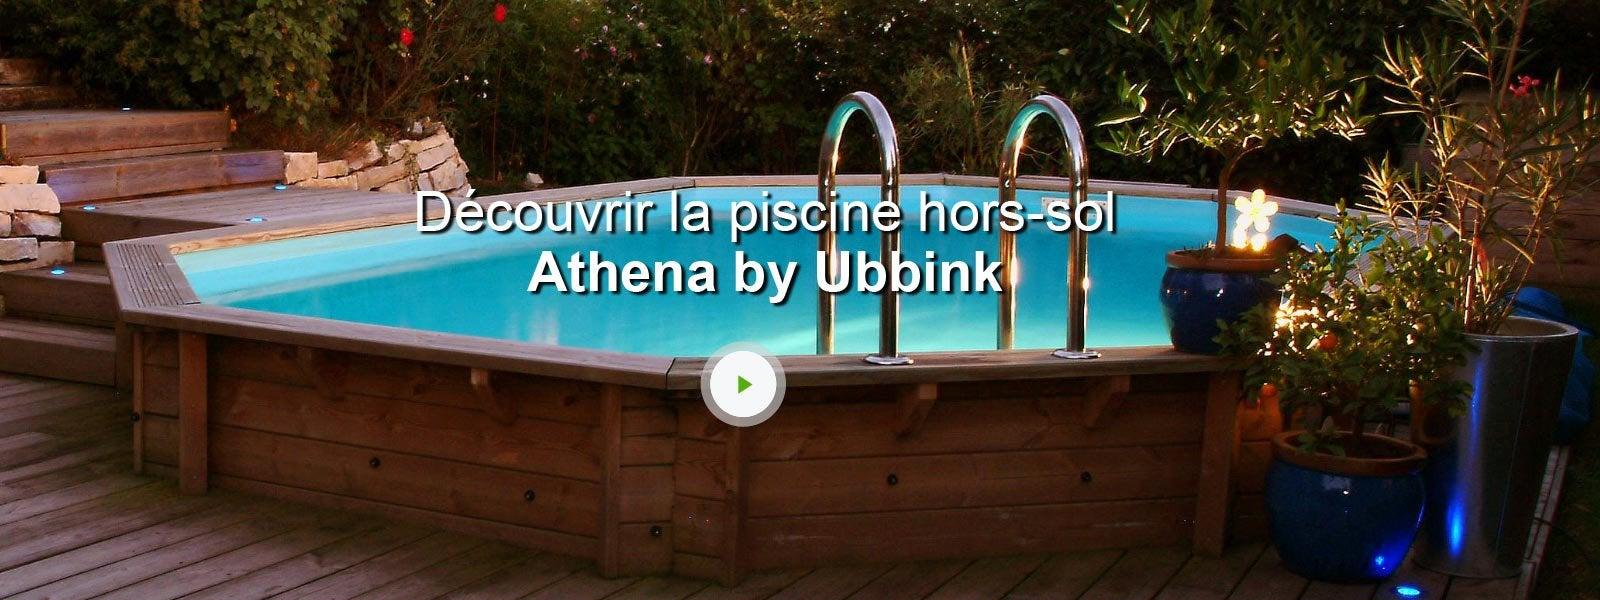 Piscine hors sol bois athena ubbink l 6 1 x l 4 x h 1 2 m for Piscine bois hors sol ubbink